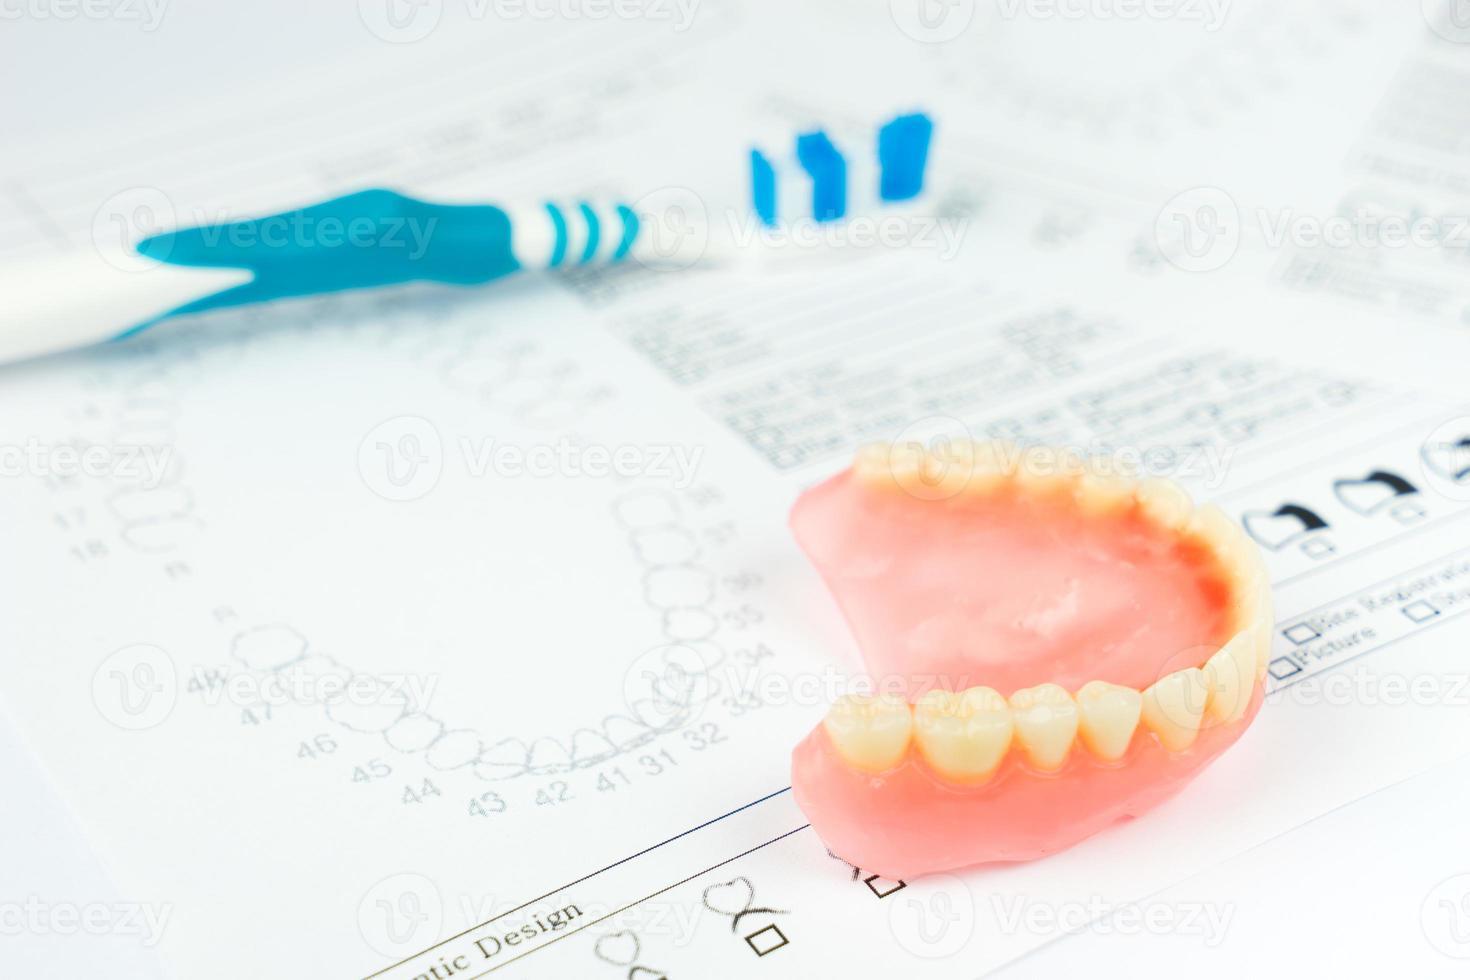 gebit, tandheelkundige apparatuur tandenborstel, tandpasta isoleren op witte achtergrond foto